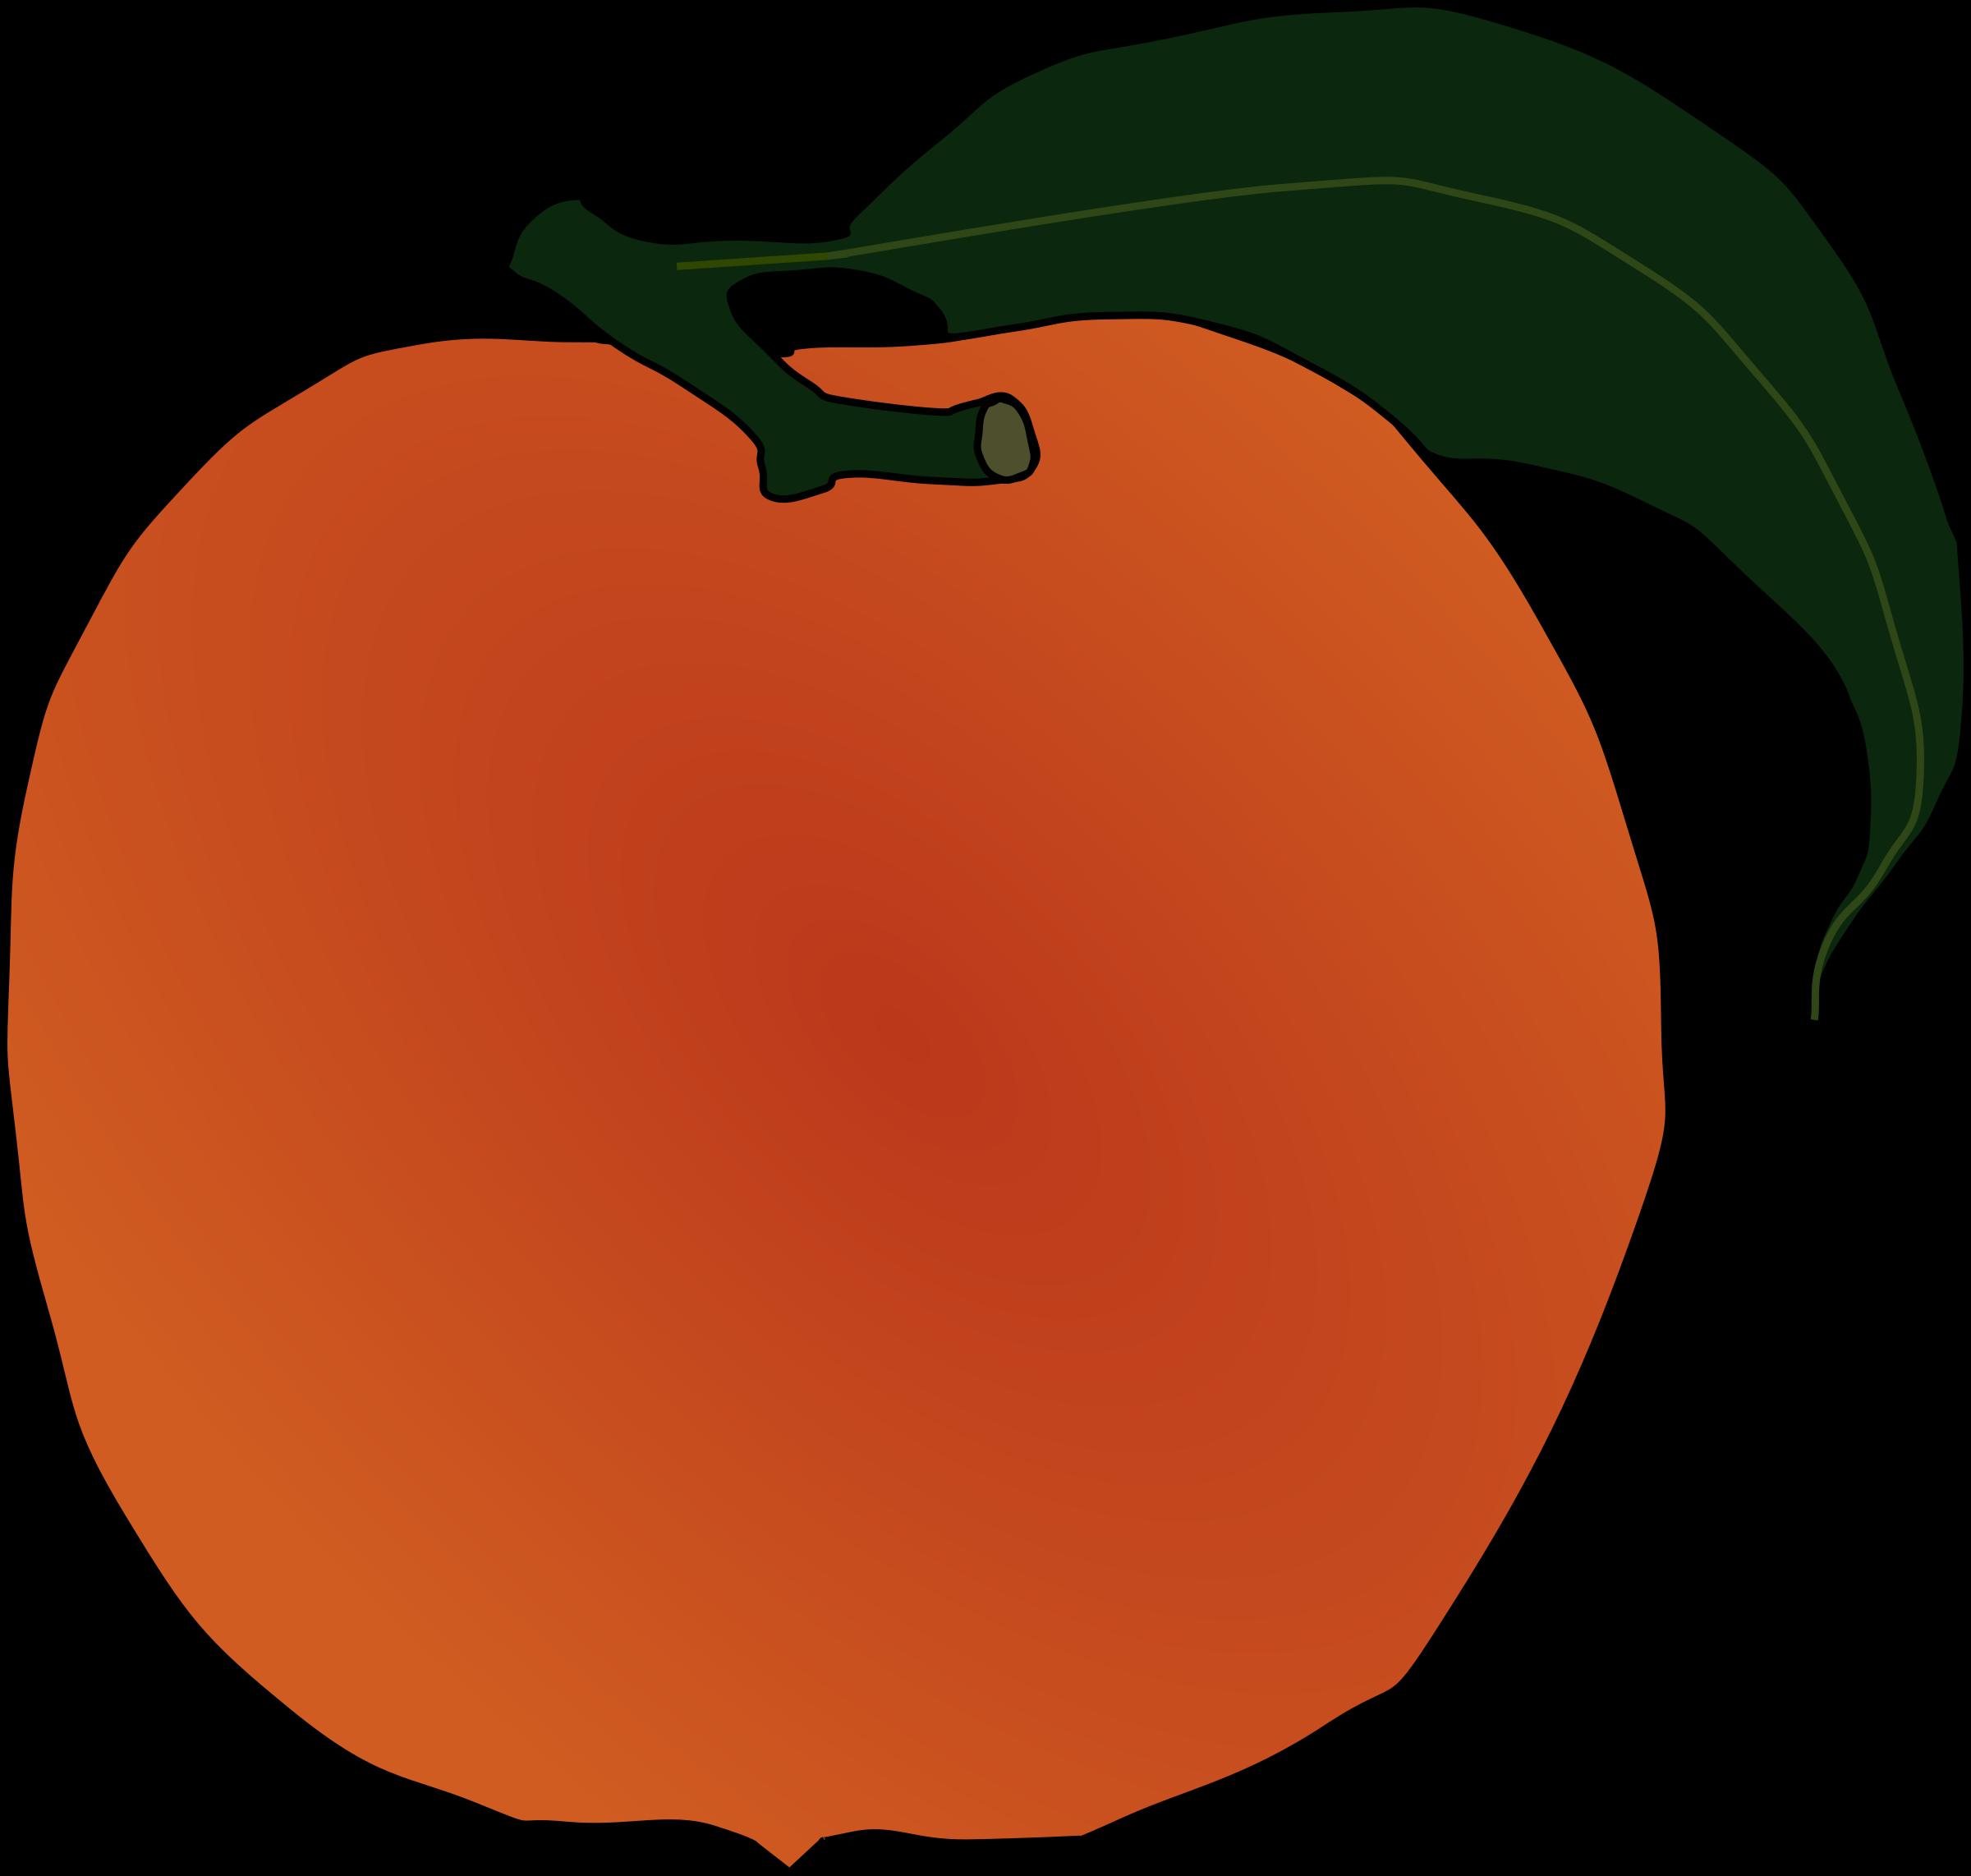 Peach big image png. Peaches clipart cartoon